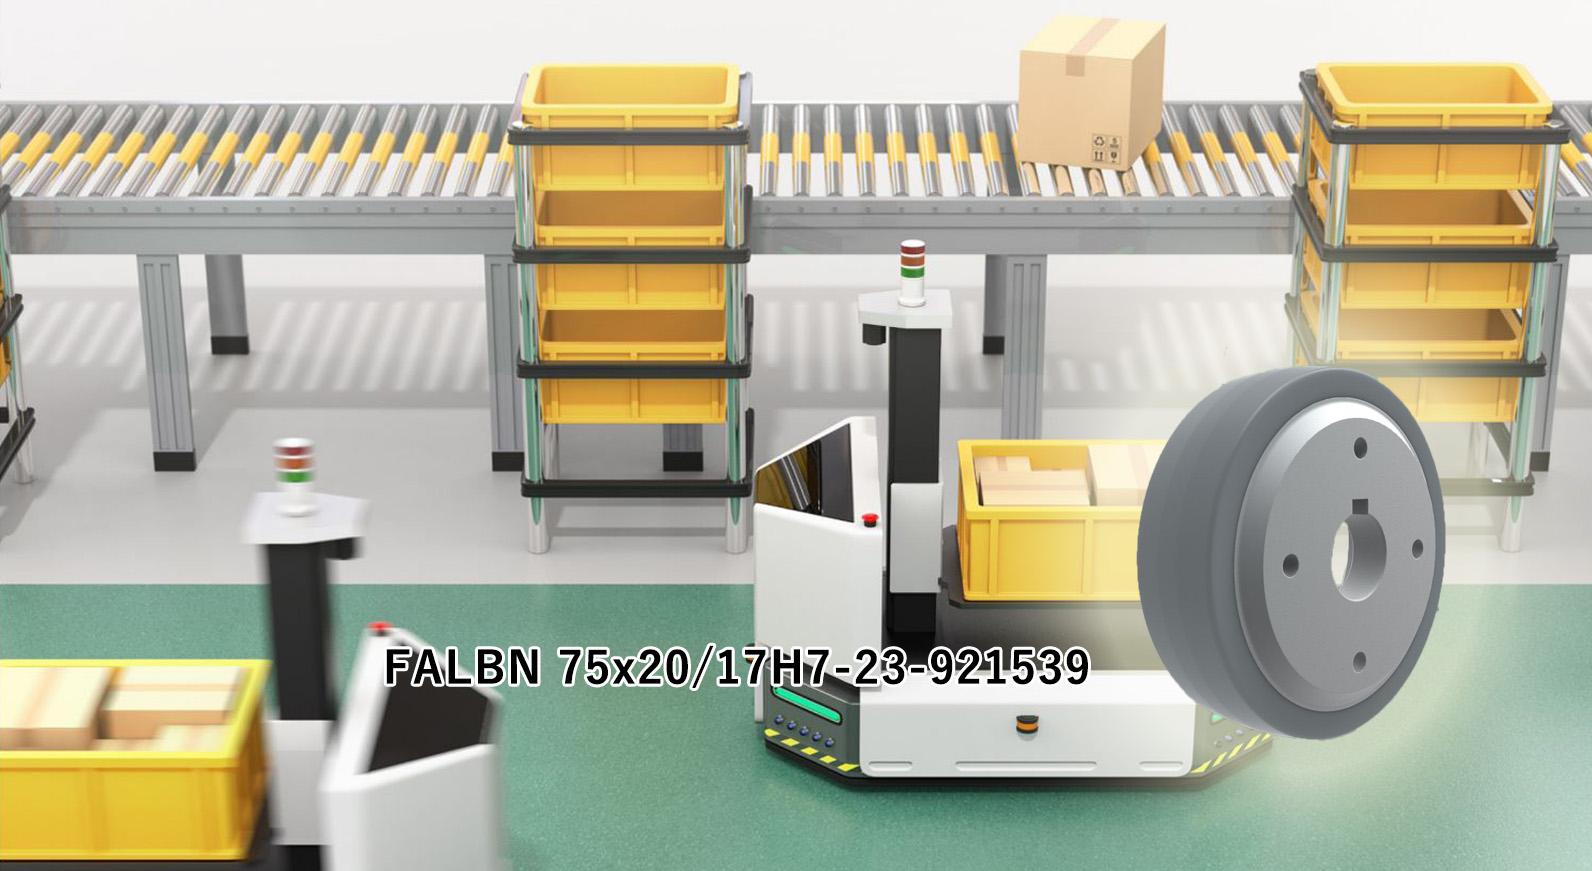 イントラロジスティック開発企業への、電力効率の良い耐重荷重仕様キャスターの導入